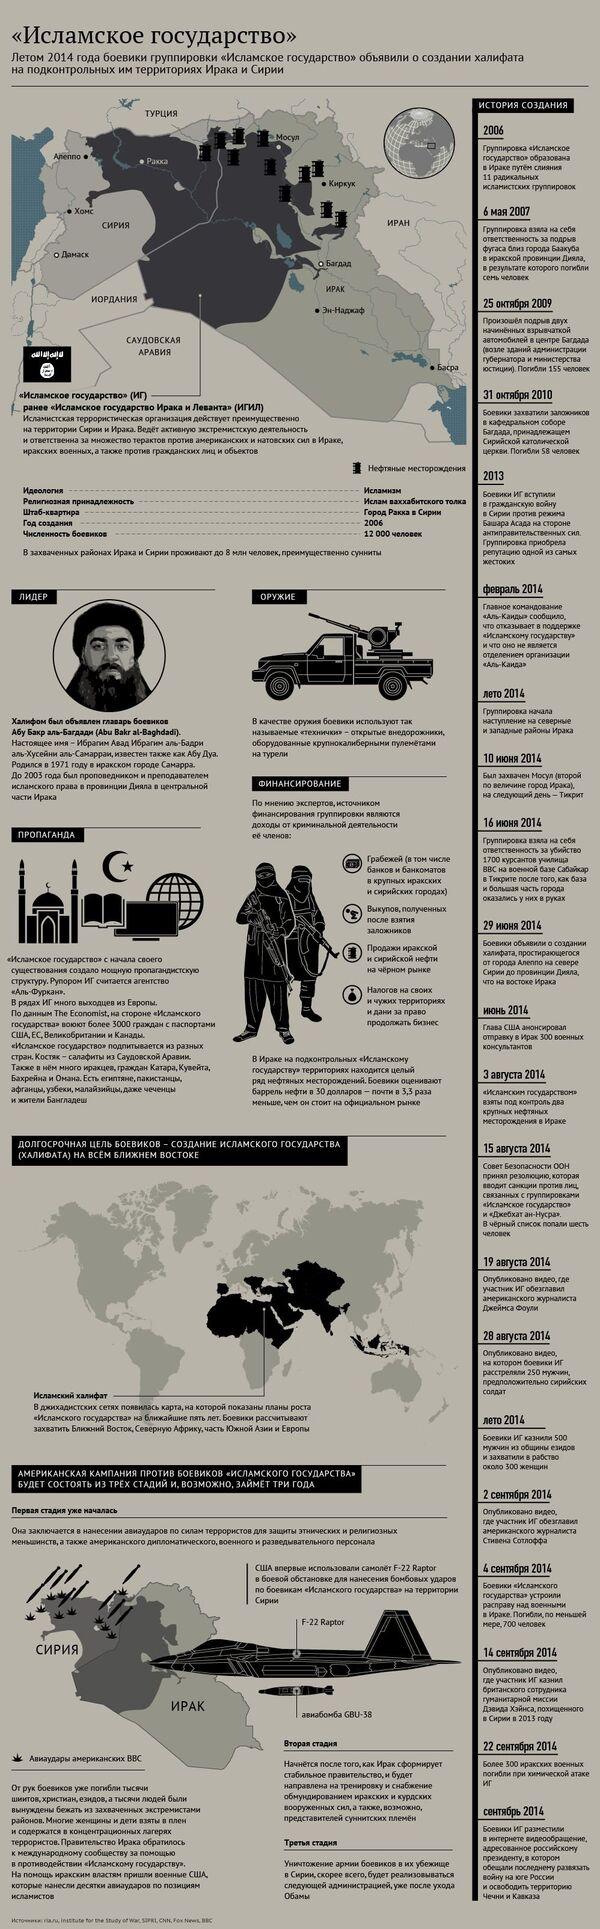 Исламское государство - Sputnik Таджикистан